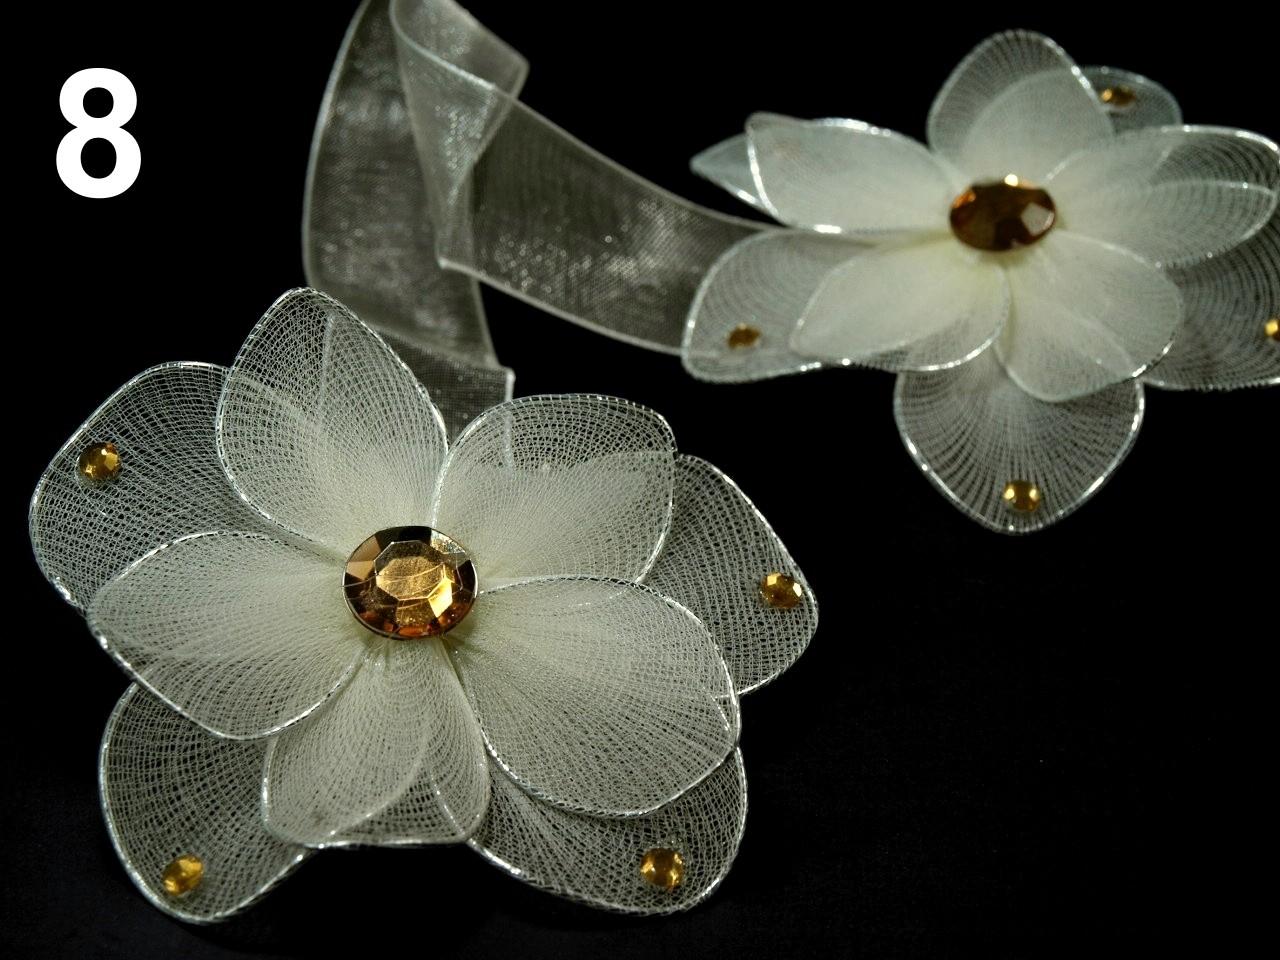 Ozdobná spona na závěsy s magnetem rozměr 8x33cm květina 2ks - 53 Kč / ks 8 béžová sv.